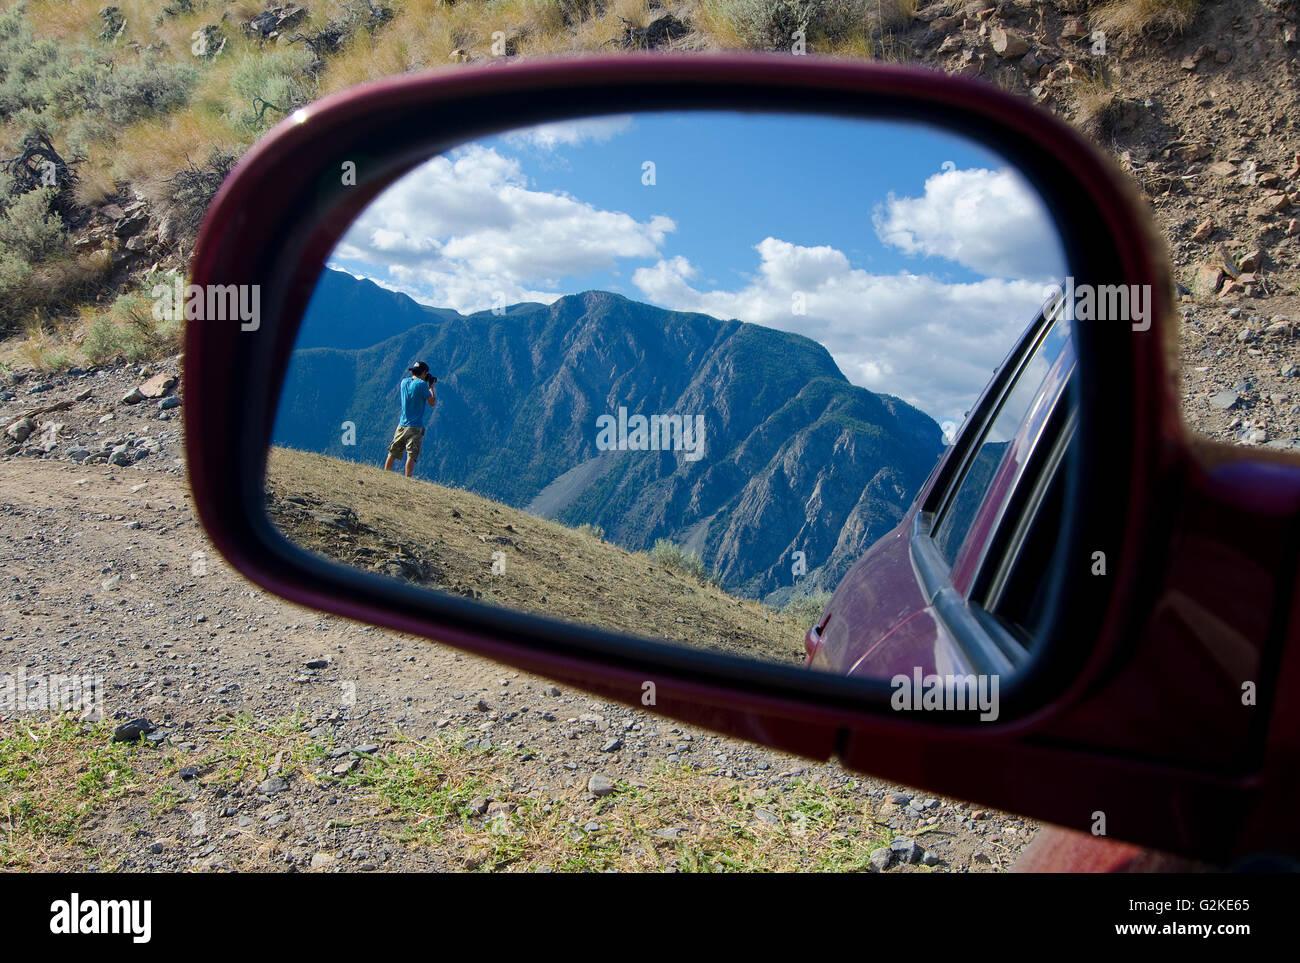 Ansicht Sommer Wanderer durch Sideview Spiegel während nimmt Fotos vom Nadelkissen Berg mit Blick auf Keremeos Stockbild